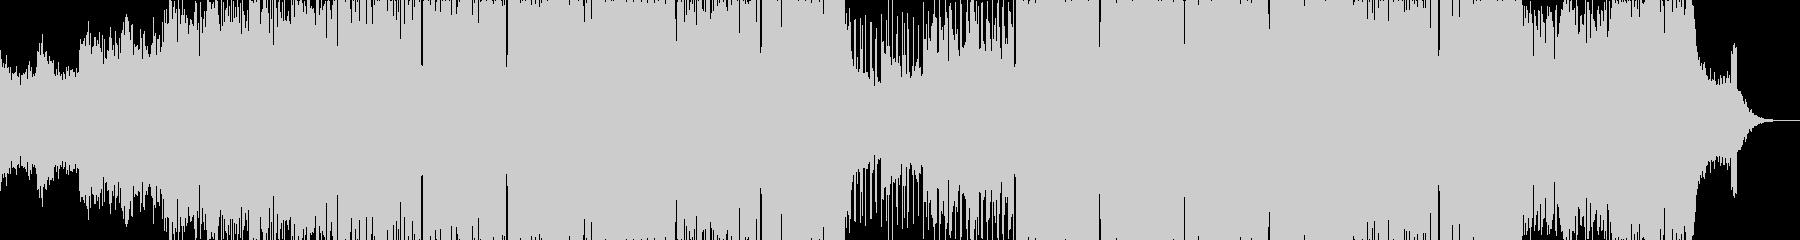 冷気とコンクリートのテクノの未再生の波形